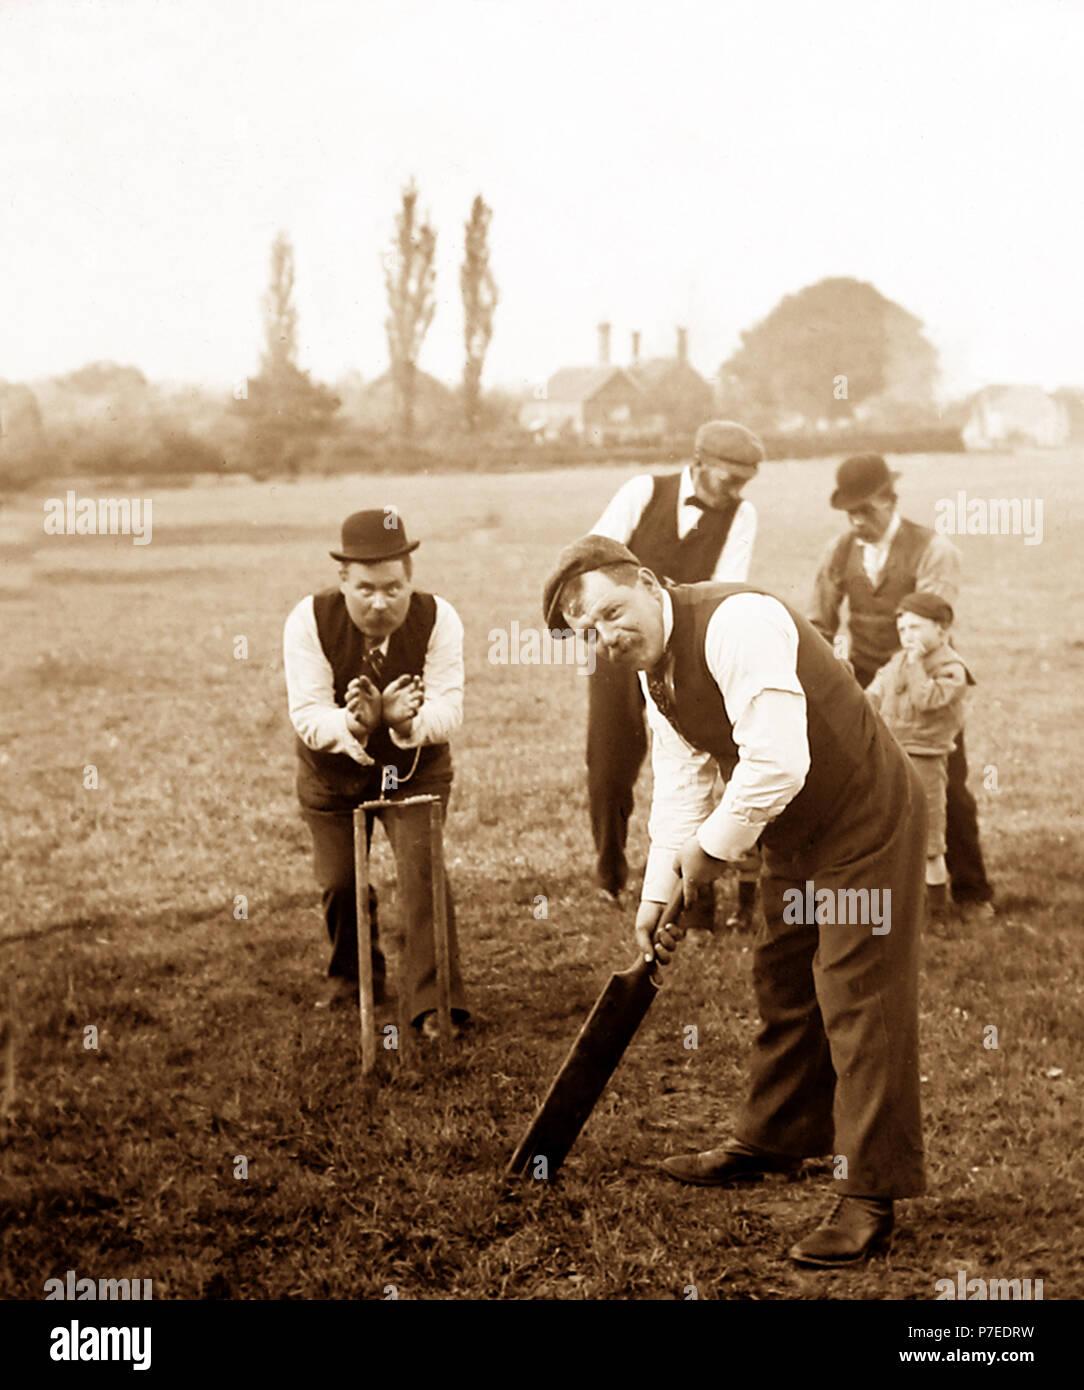 Un villaggio partita di cricket, agli inizi del novecento Immagini Stock